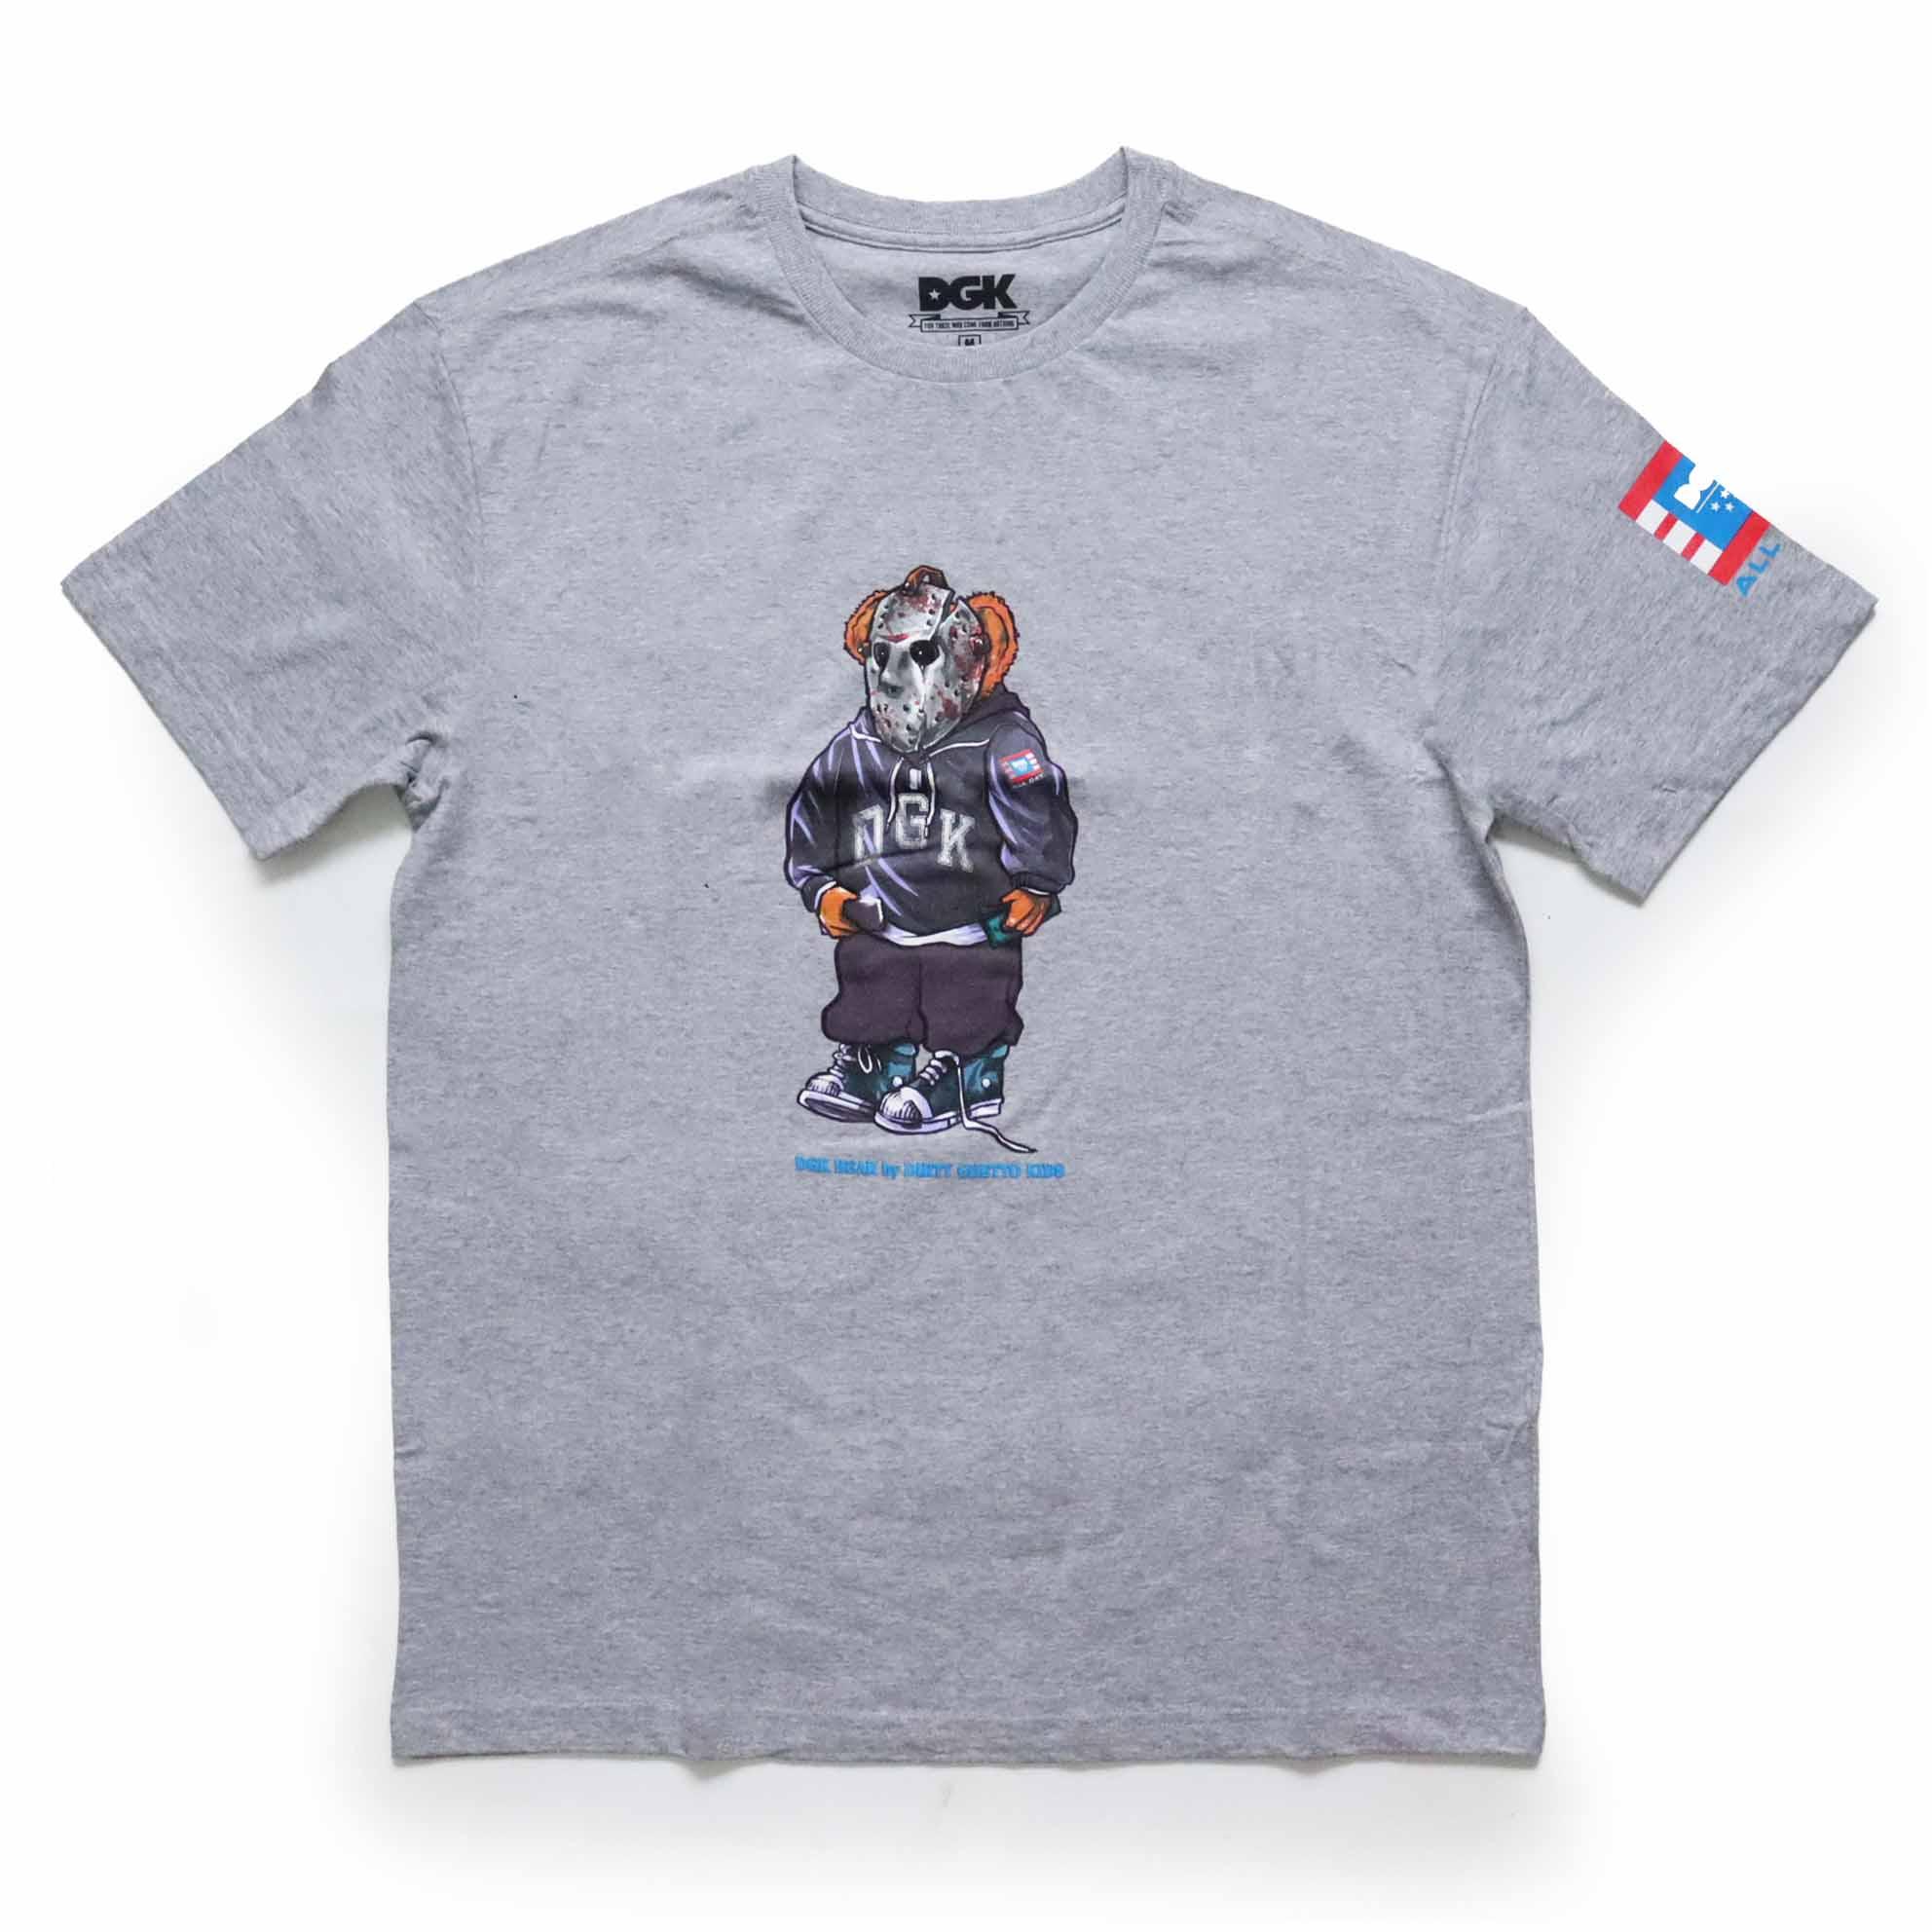 Camiseta DGK The Plung - Cinza Mescla